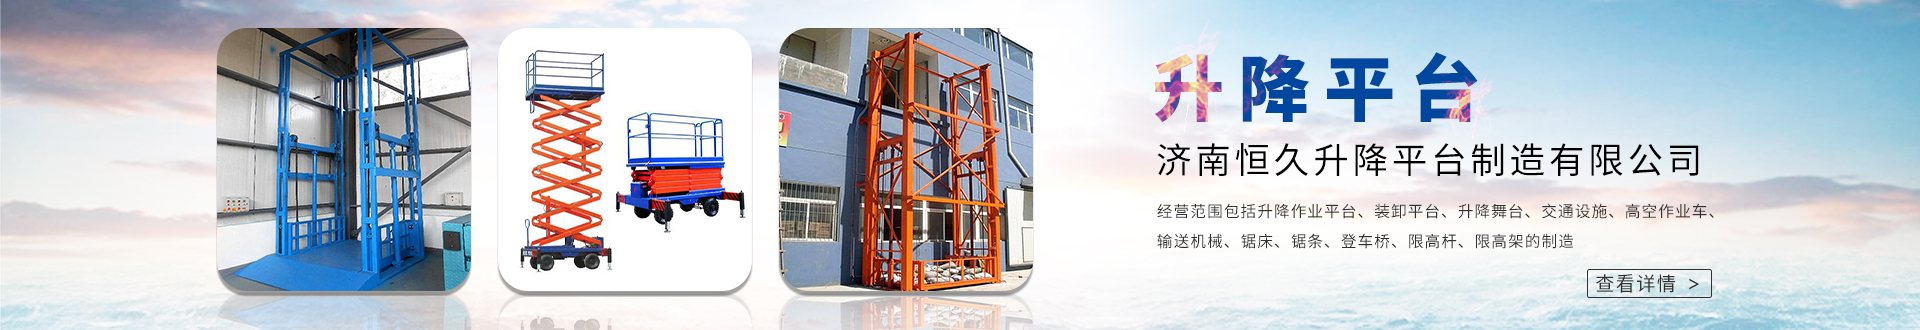 济南恒久升降平台制造有限公司总部